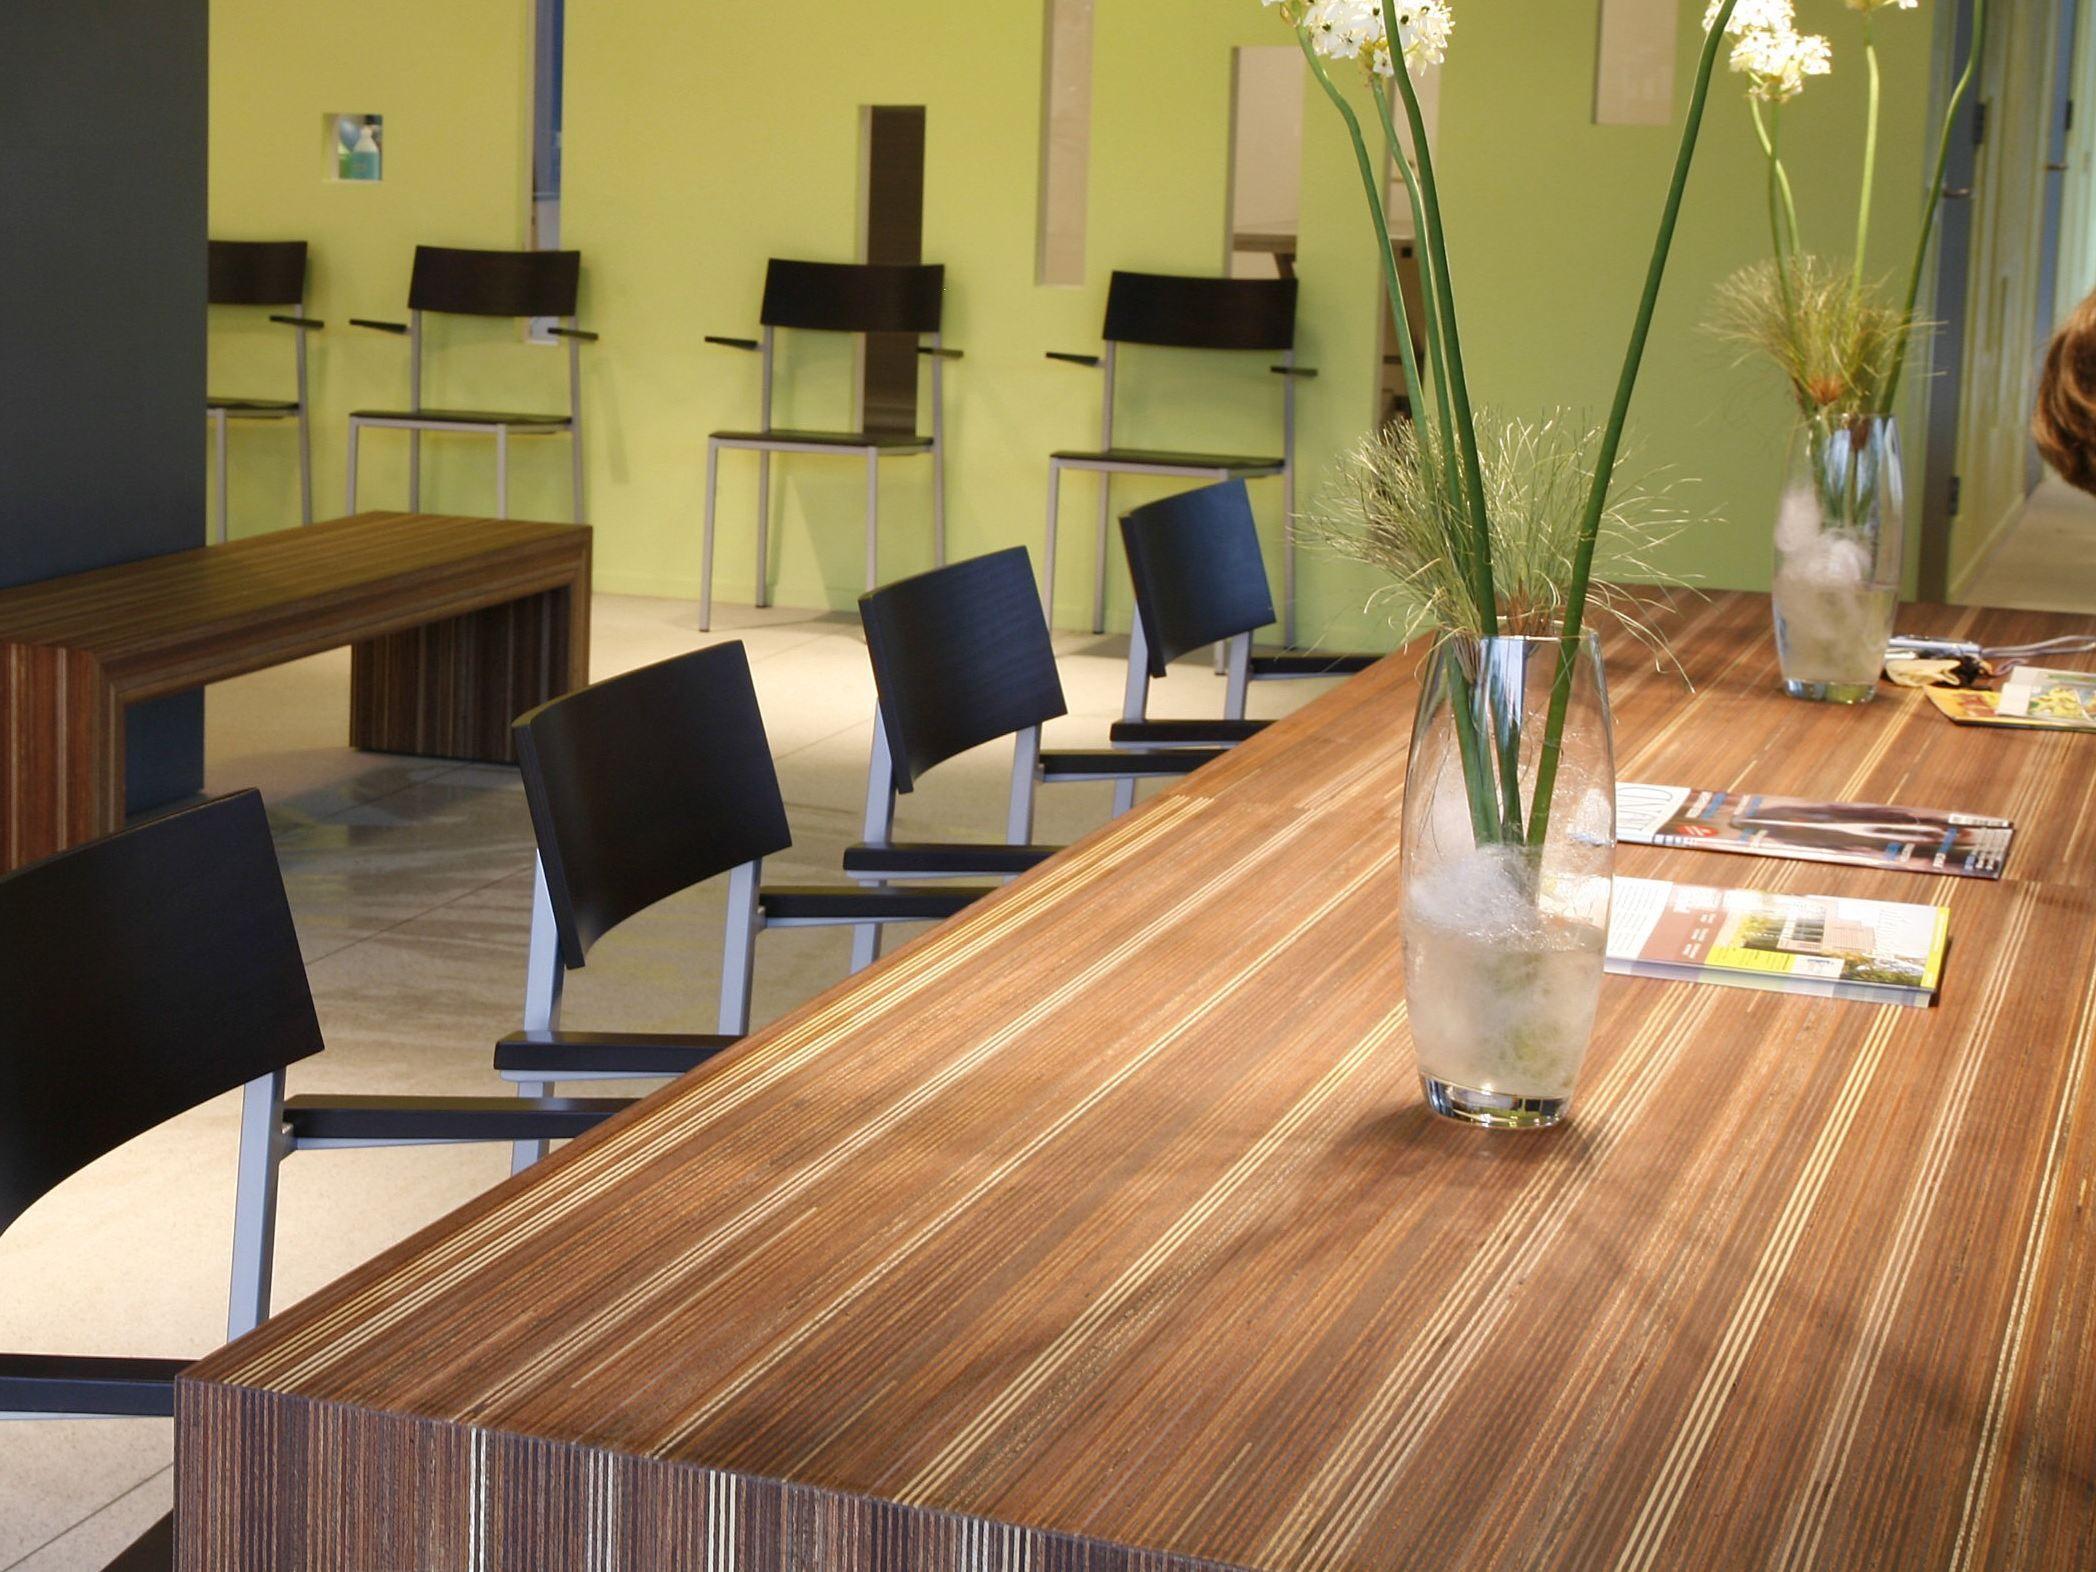 Tablero para mesa de madera by plexwood - Tableros para mesas ...